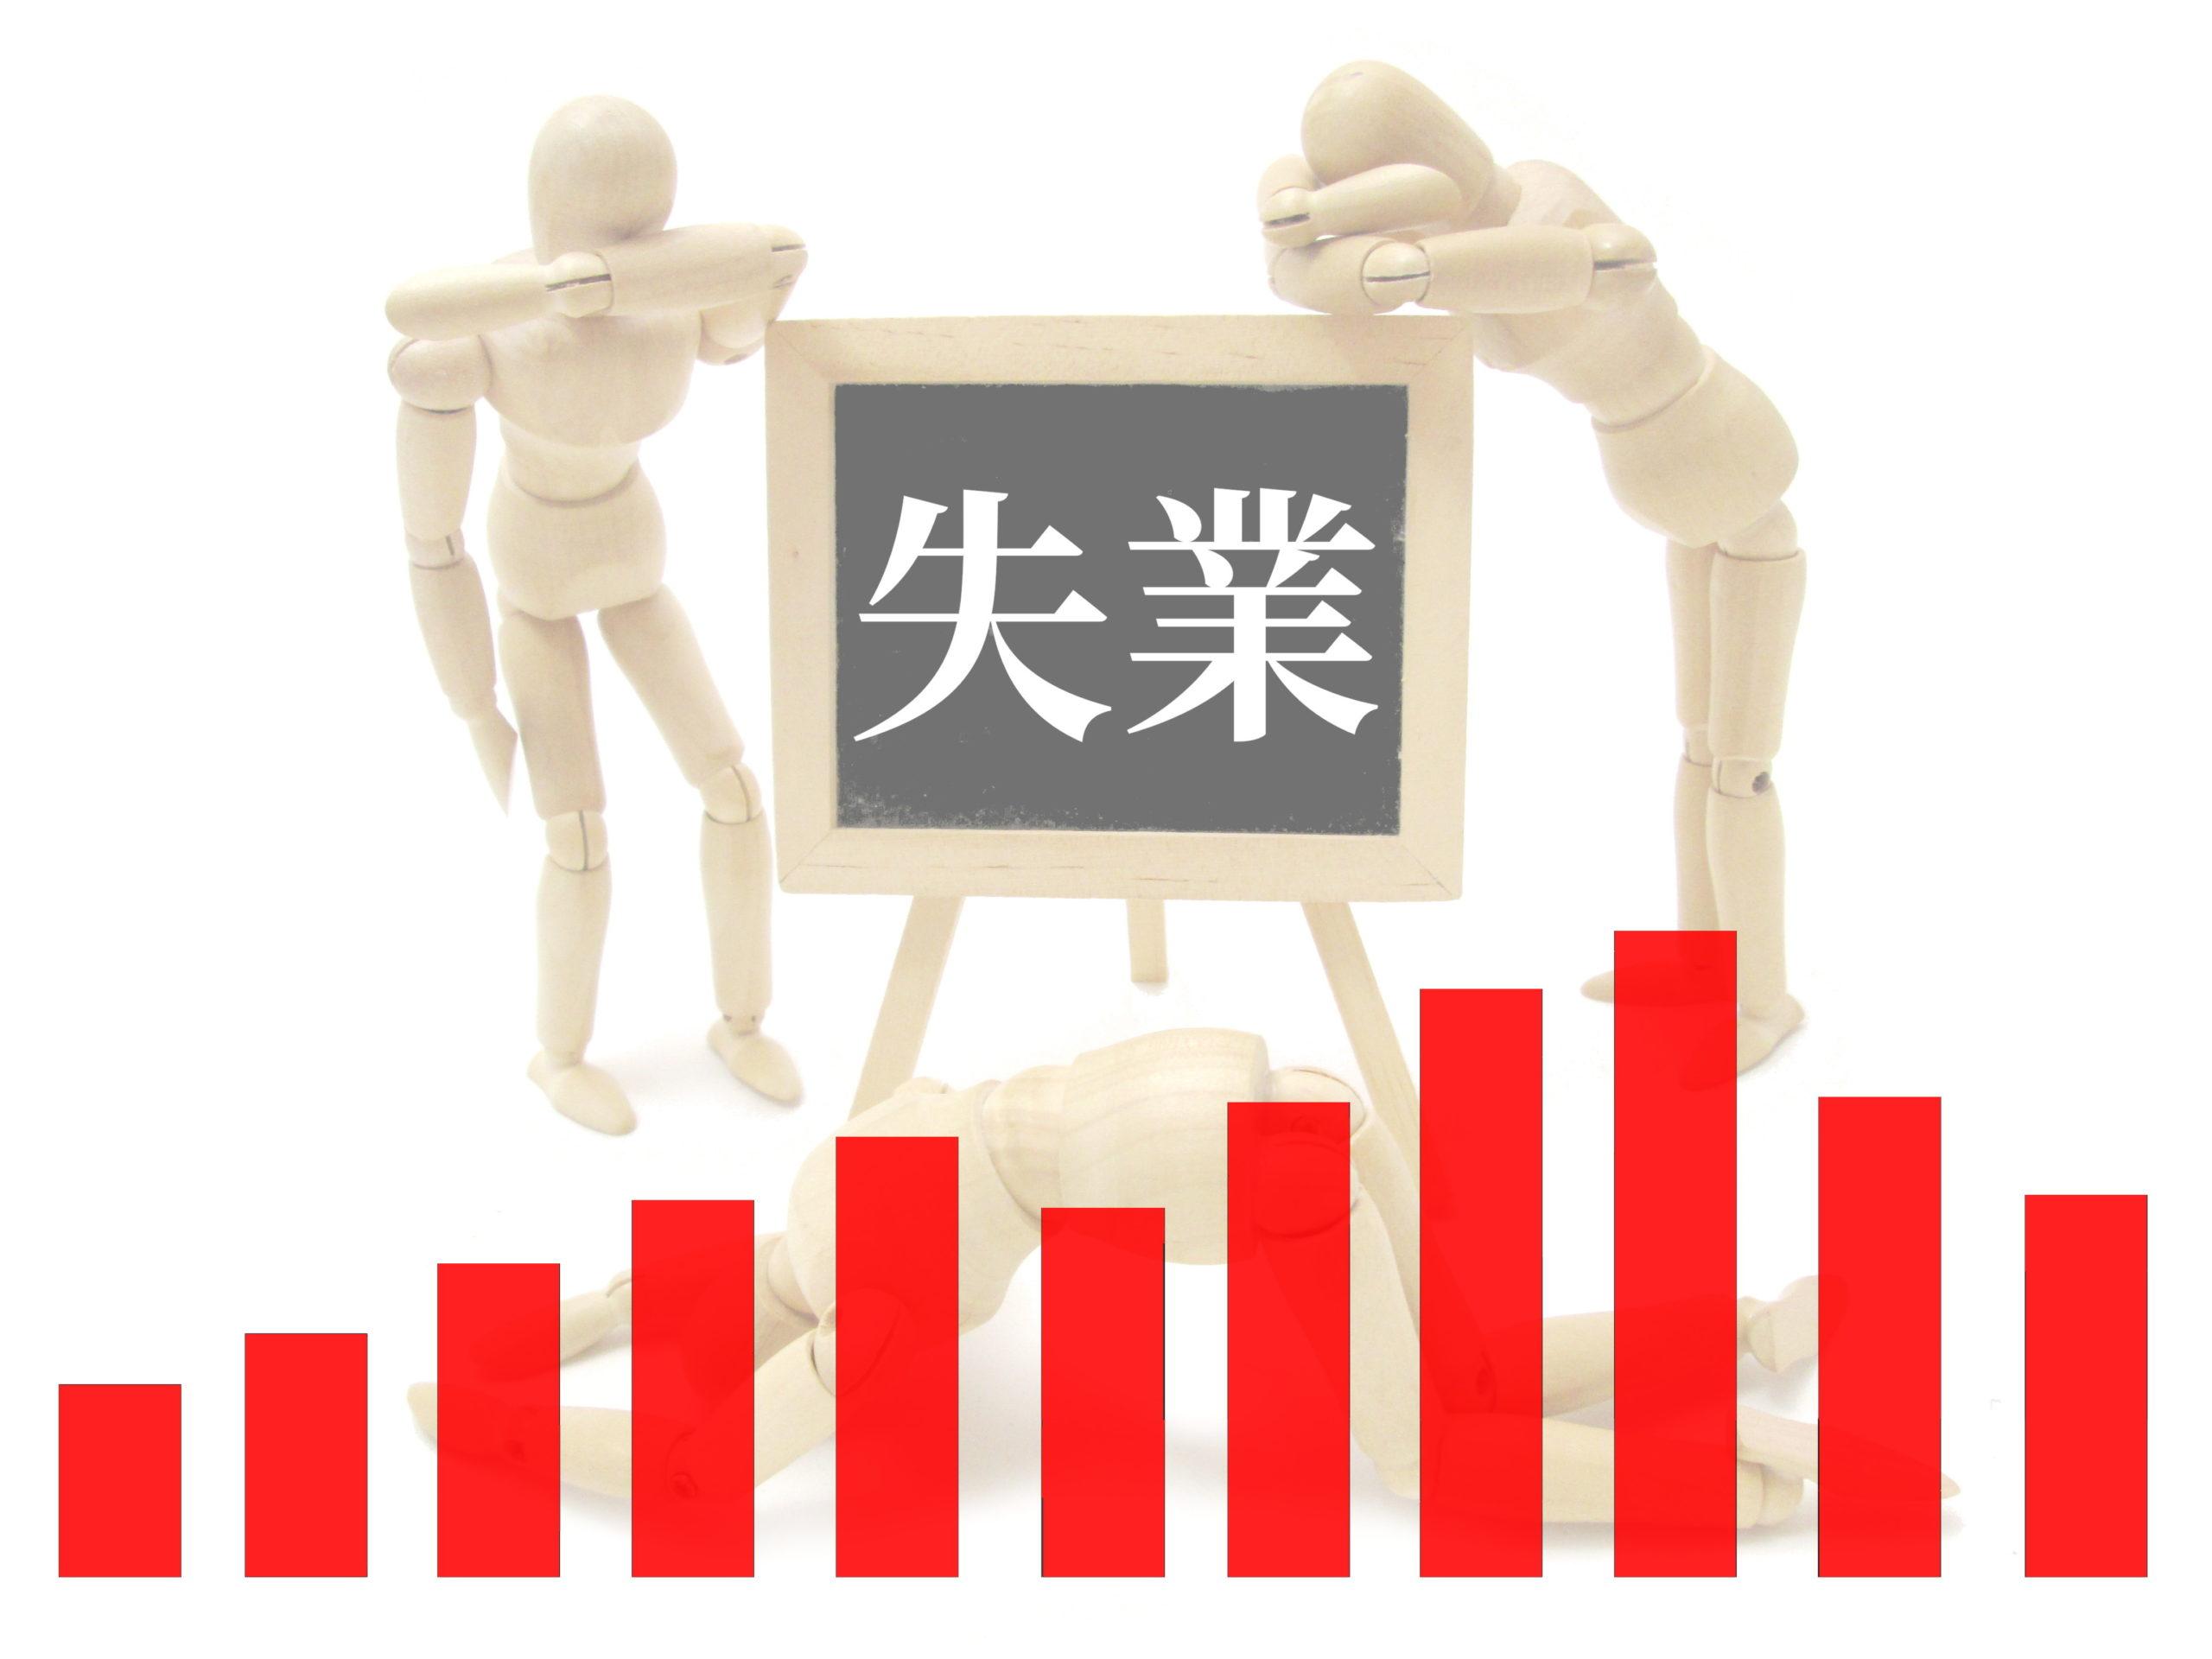 3/6(金)の米雇用統計になぜ為替は反応しなかったのか?